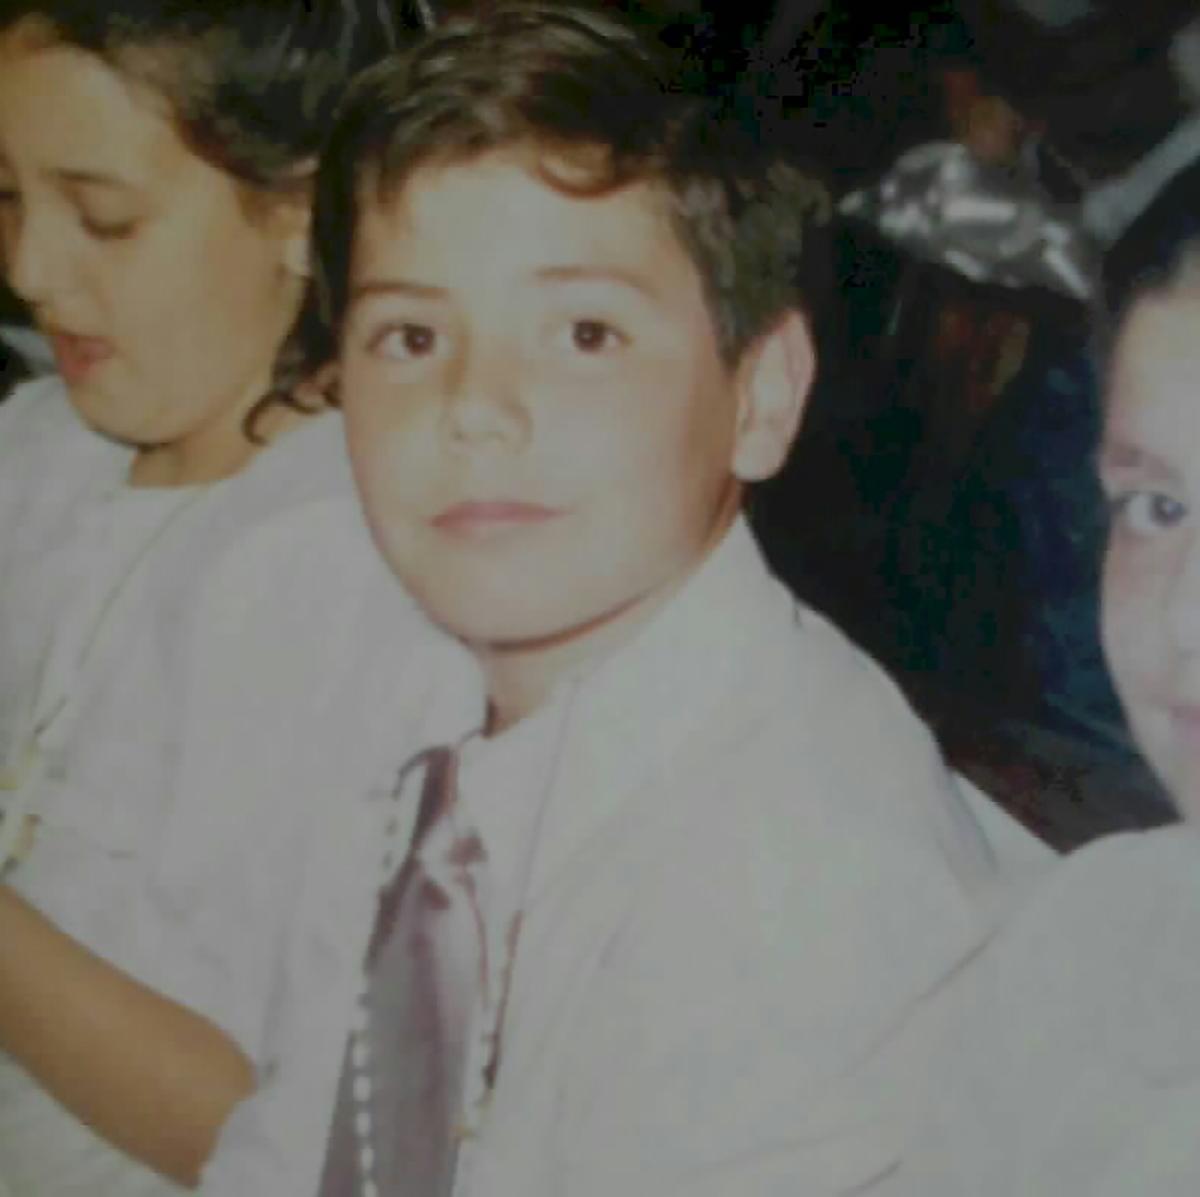 Foto de emiliano serrano de niño canal 9 mendoza noticiero nueve